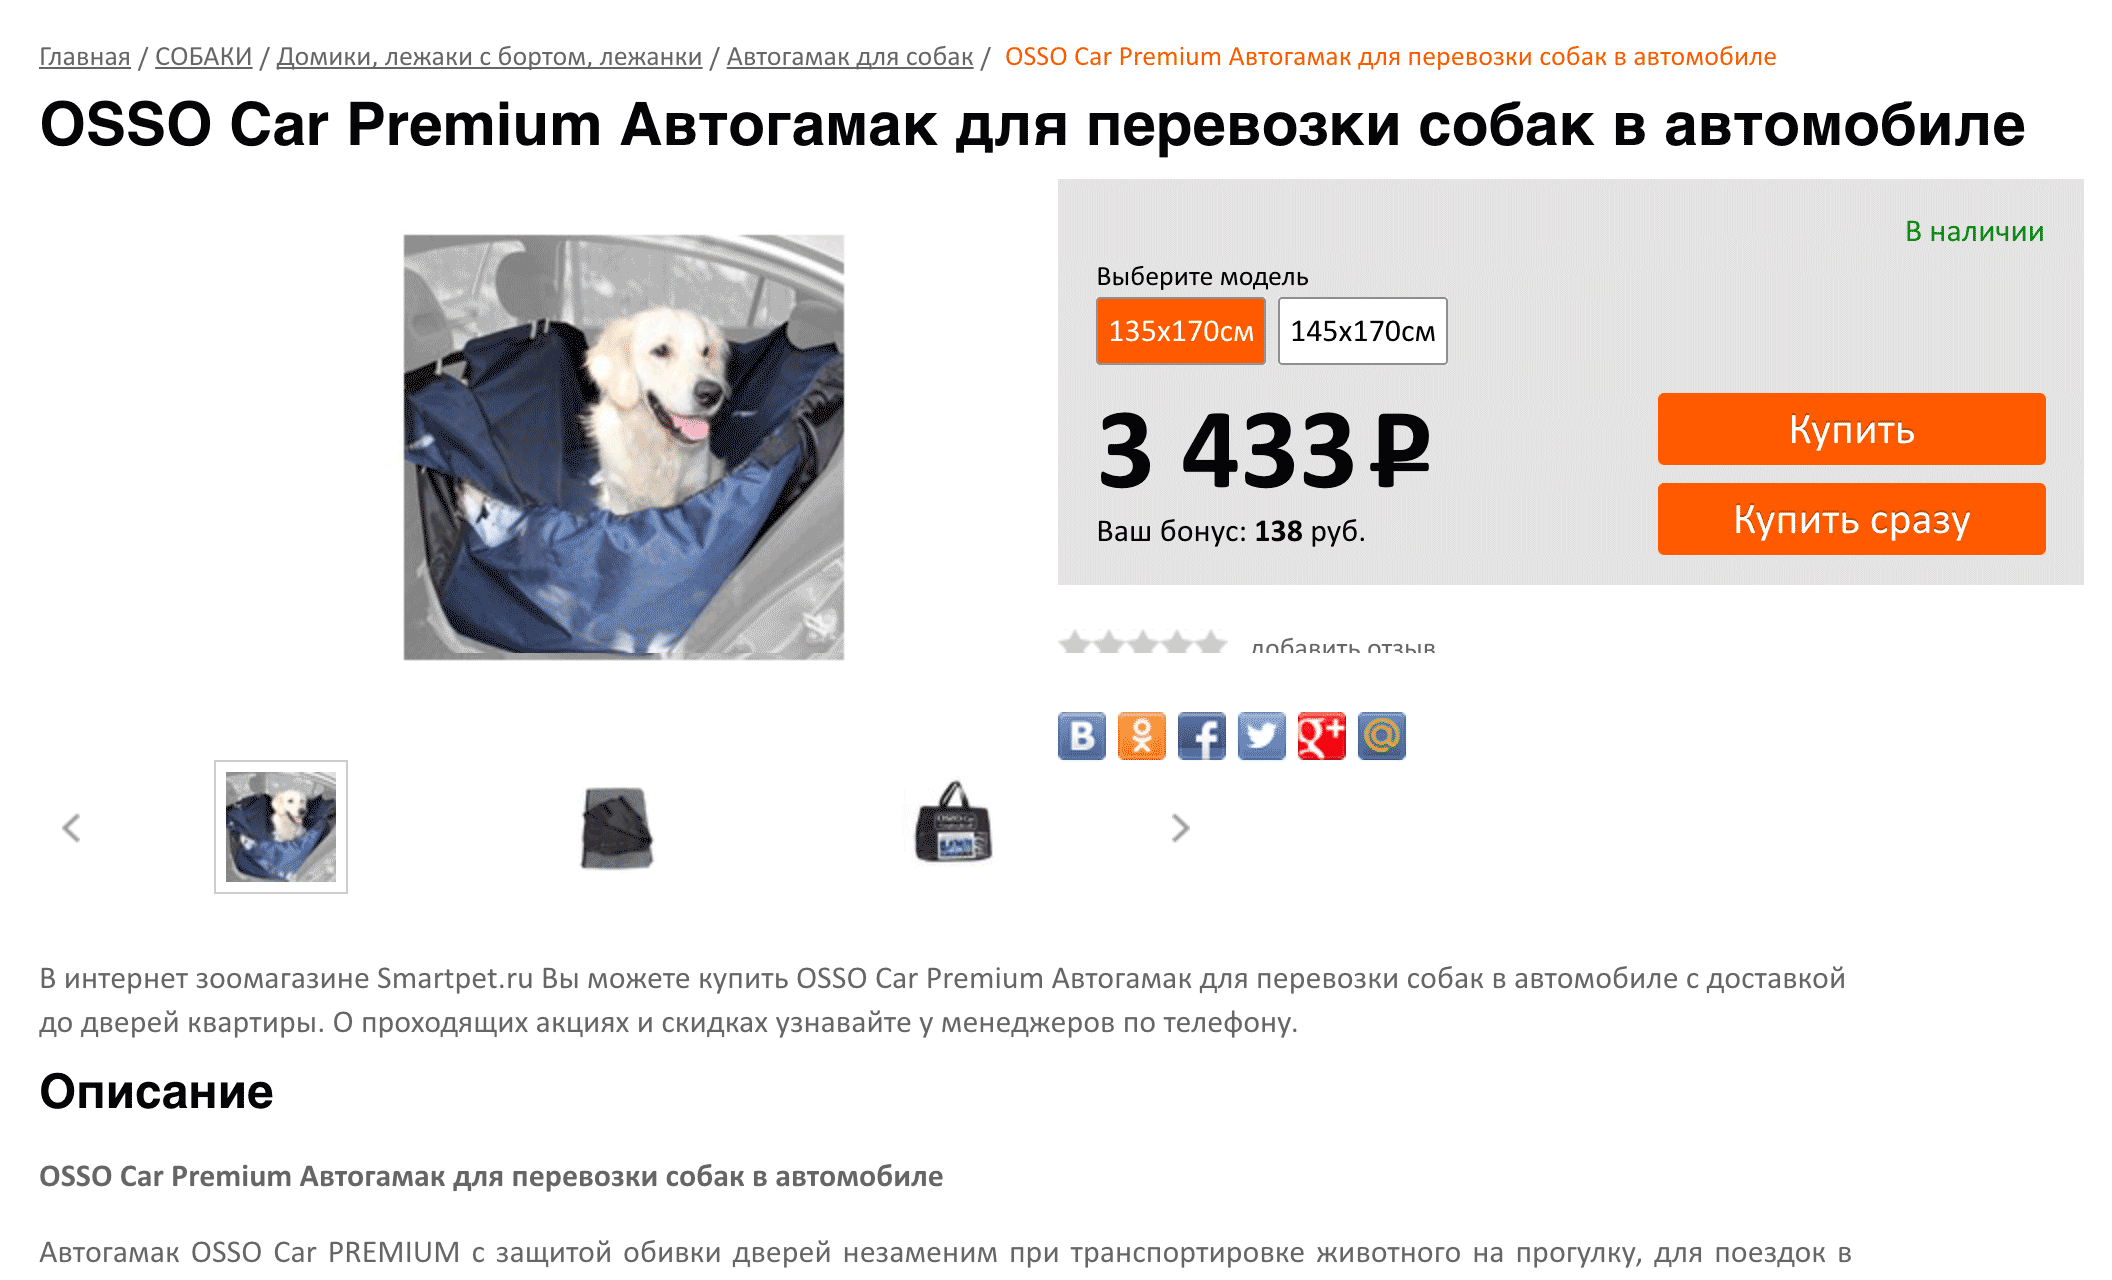 Автогамак в московском зоомагазине продают за 3433 р.